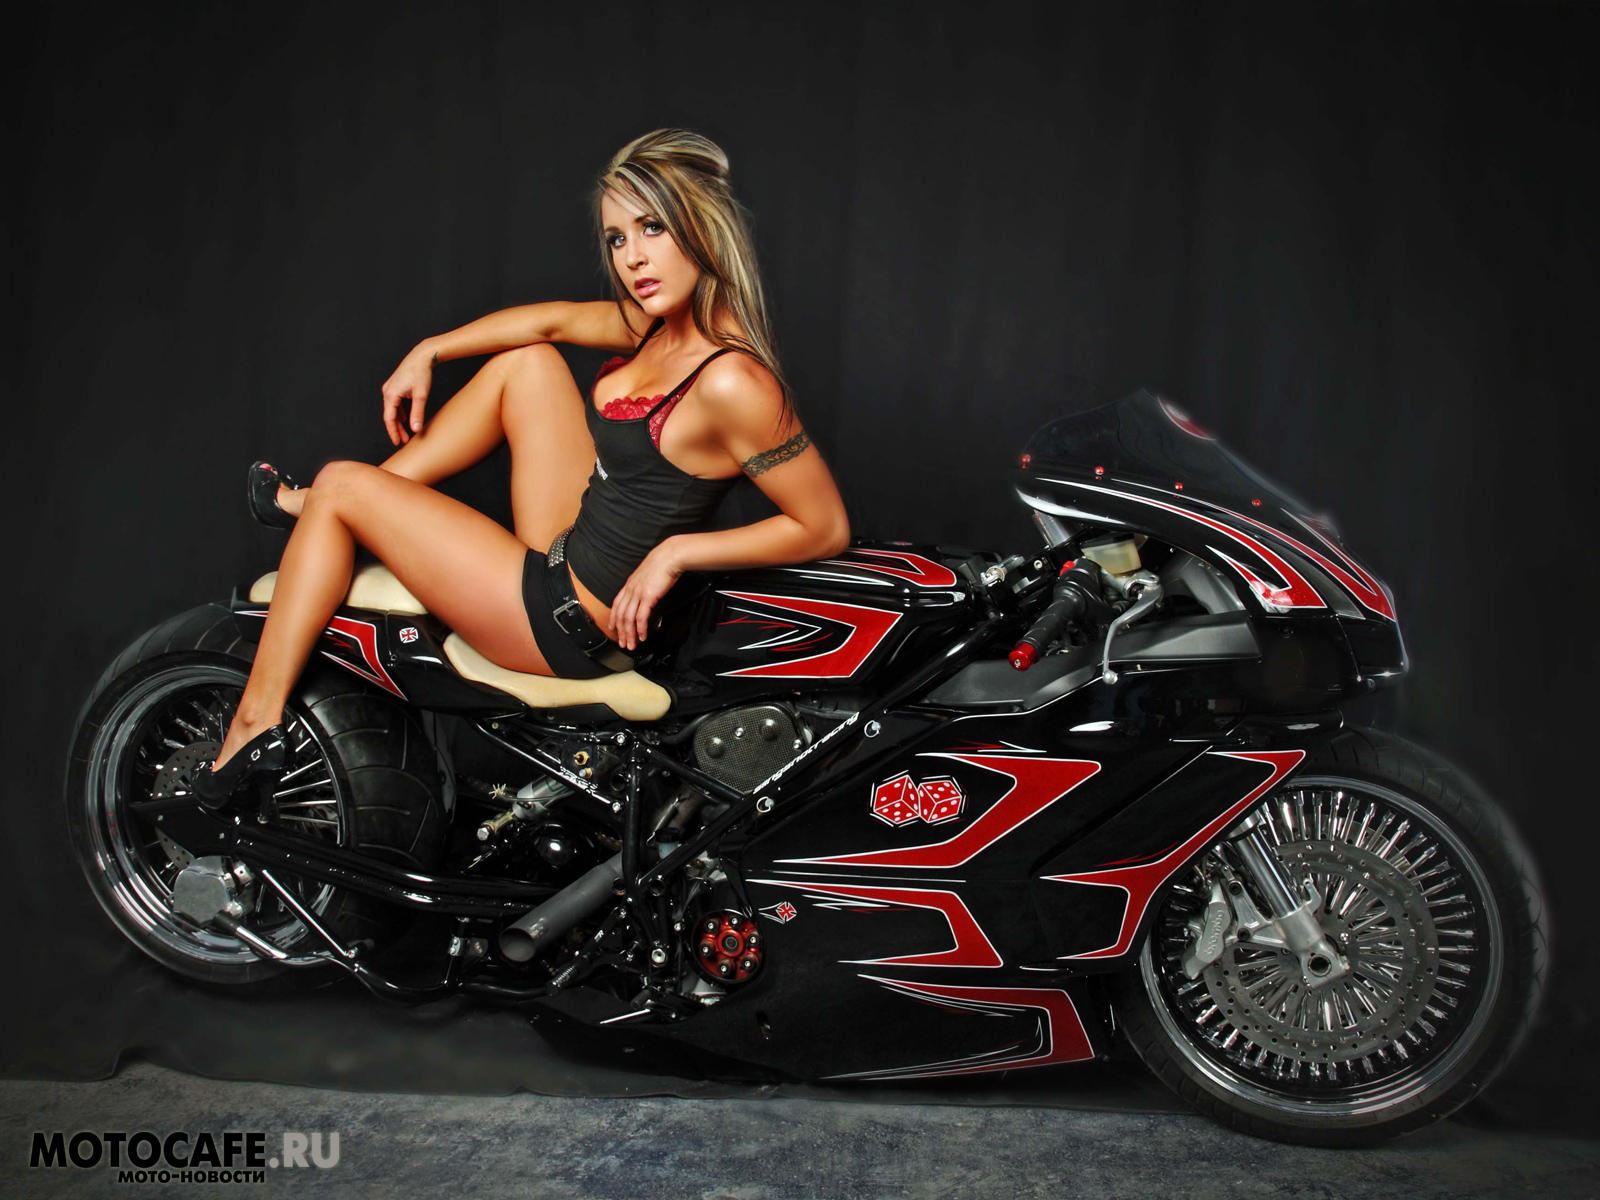 Девушка на мотоцикле, скачать бесплатно, обои на рабочий стол